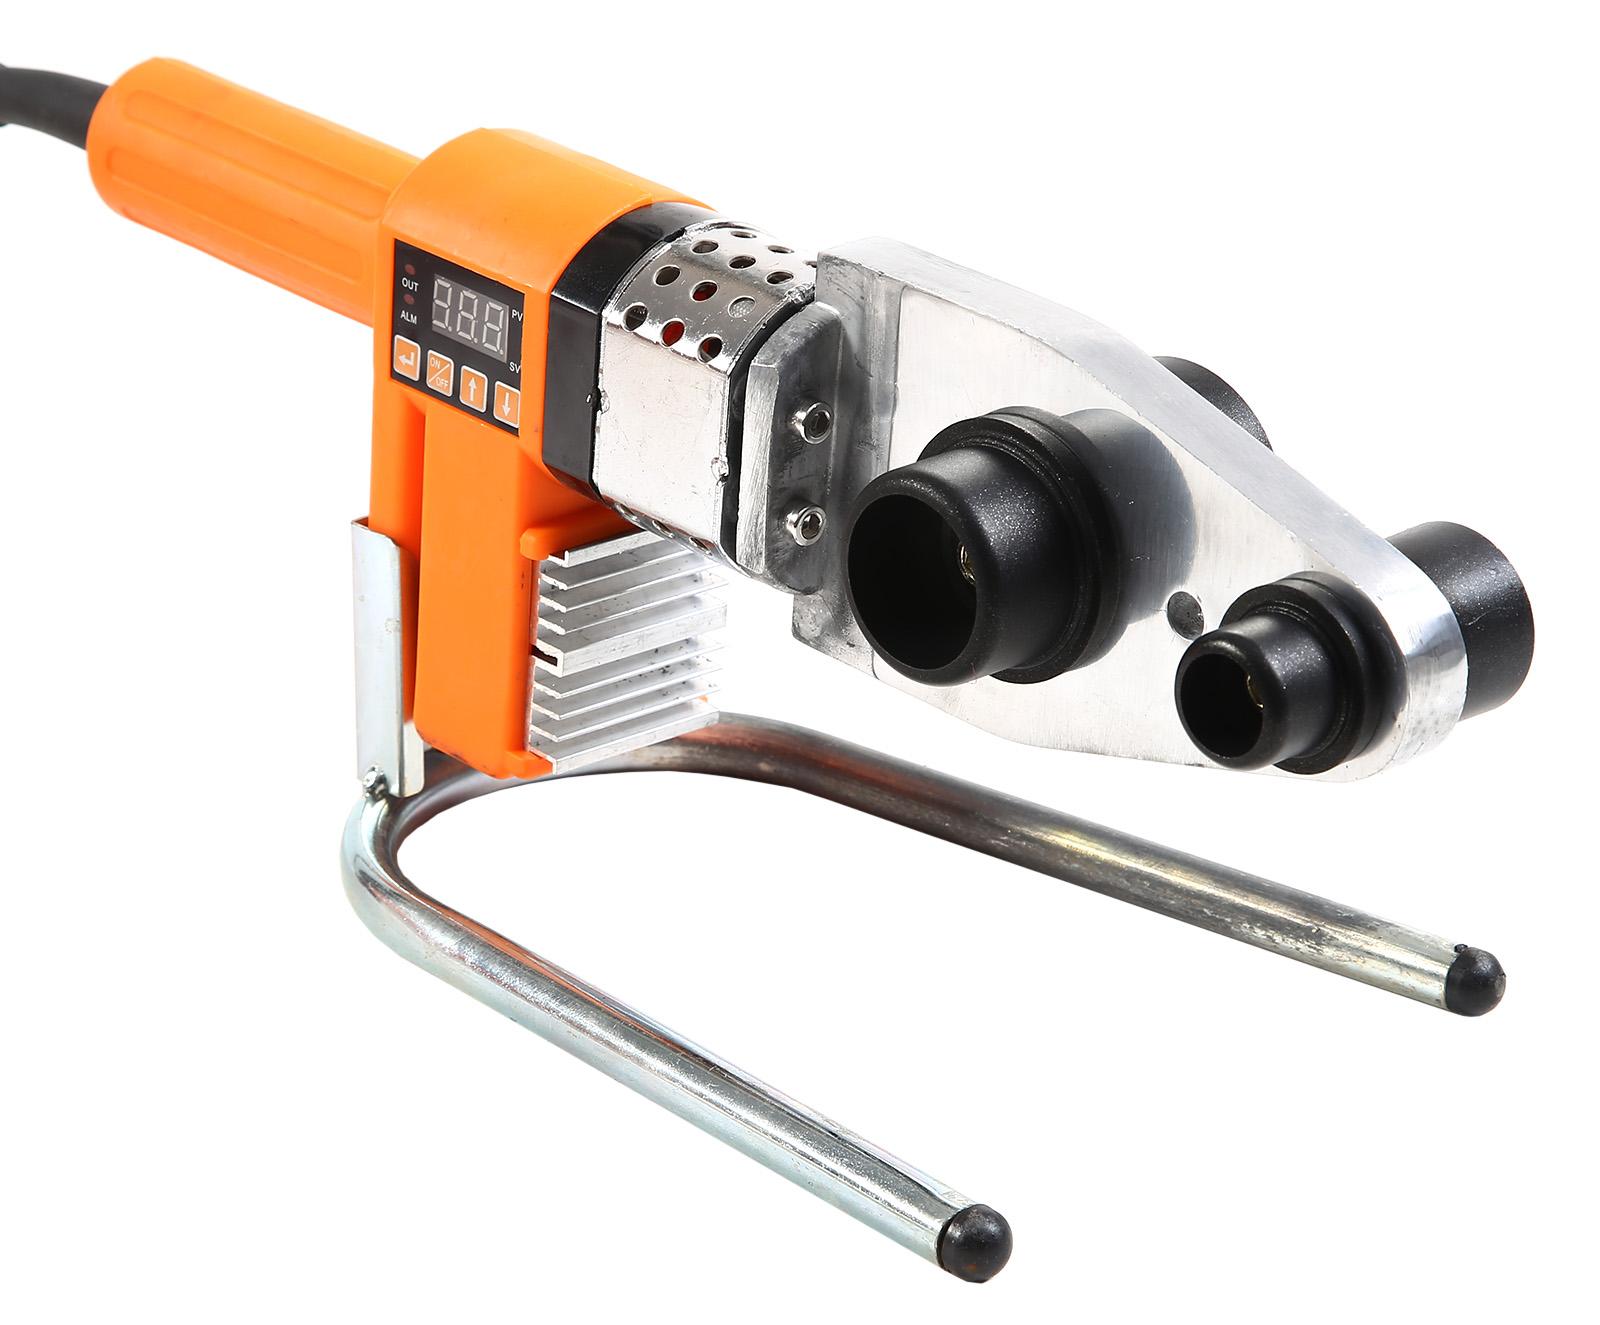 Купить со скидкой Аппарат для сварки пластиковых труб Aqua-s 20-63 АПТ-63